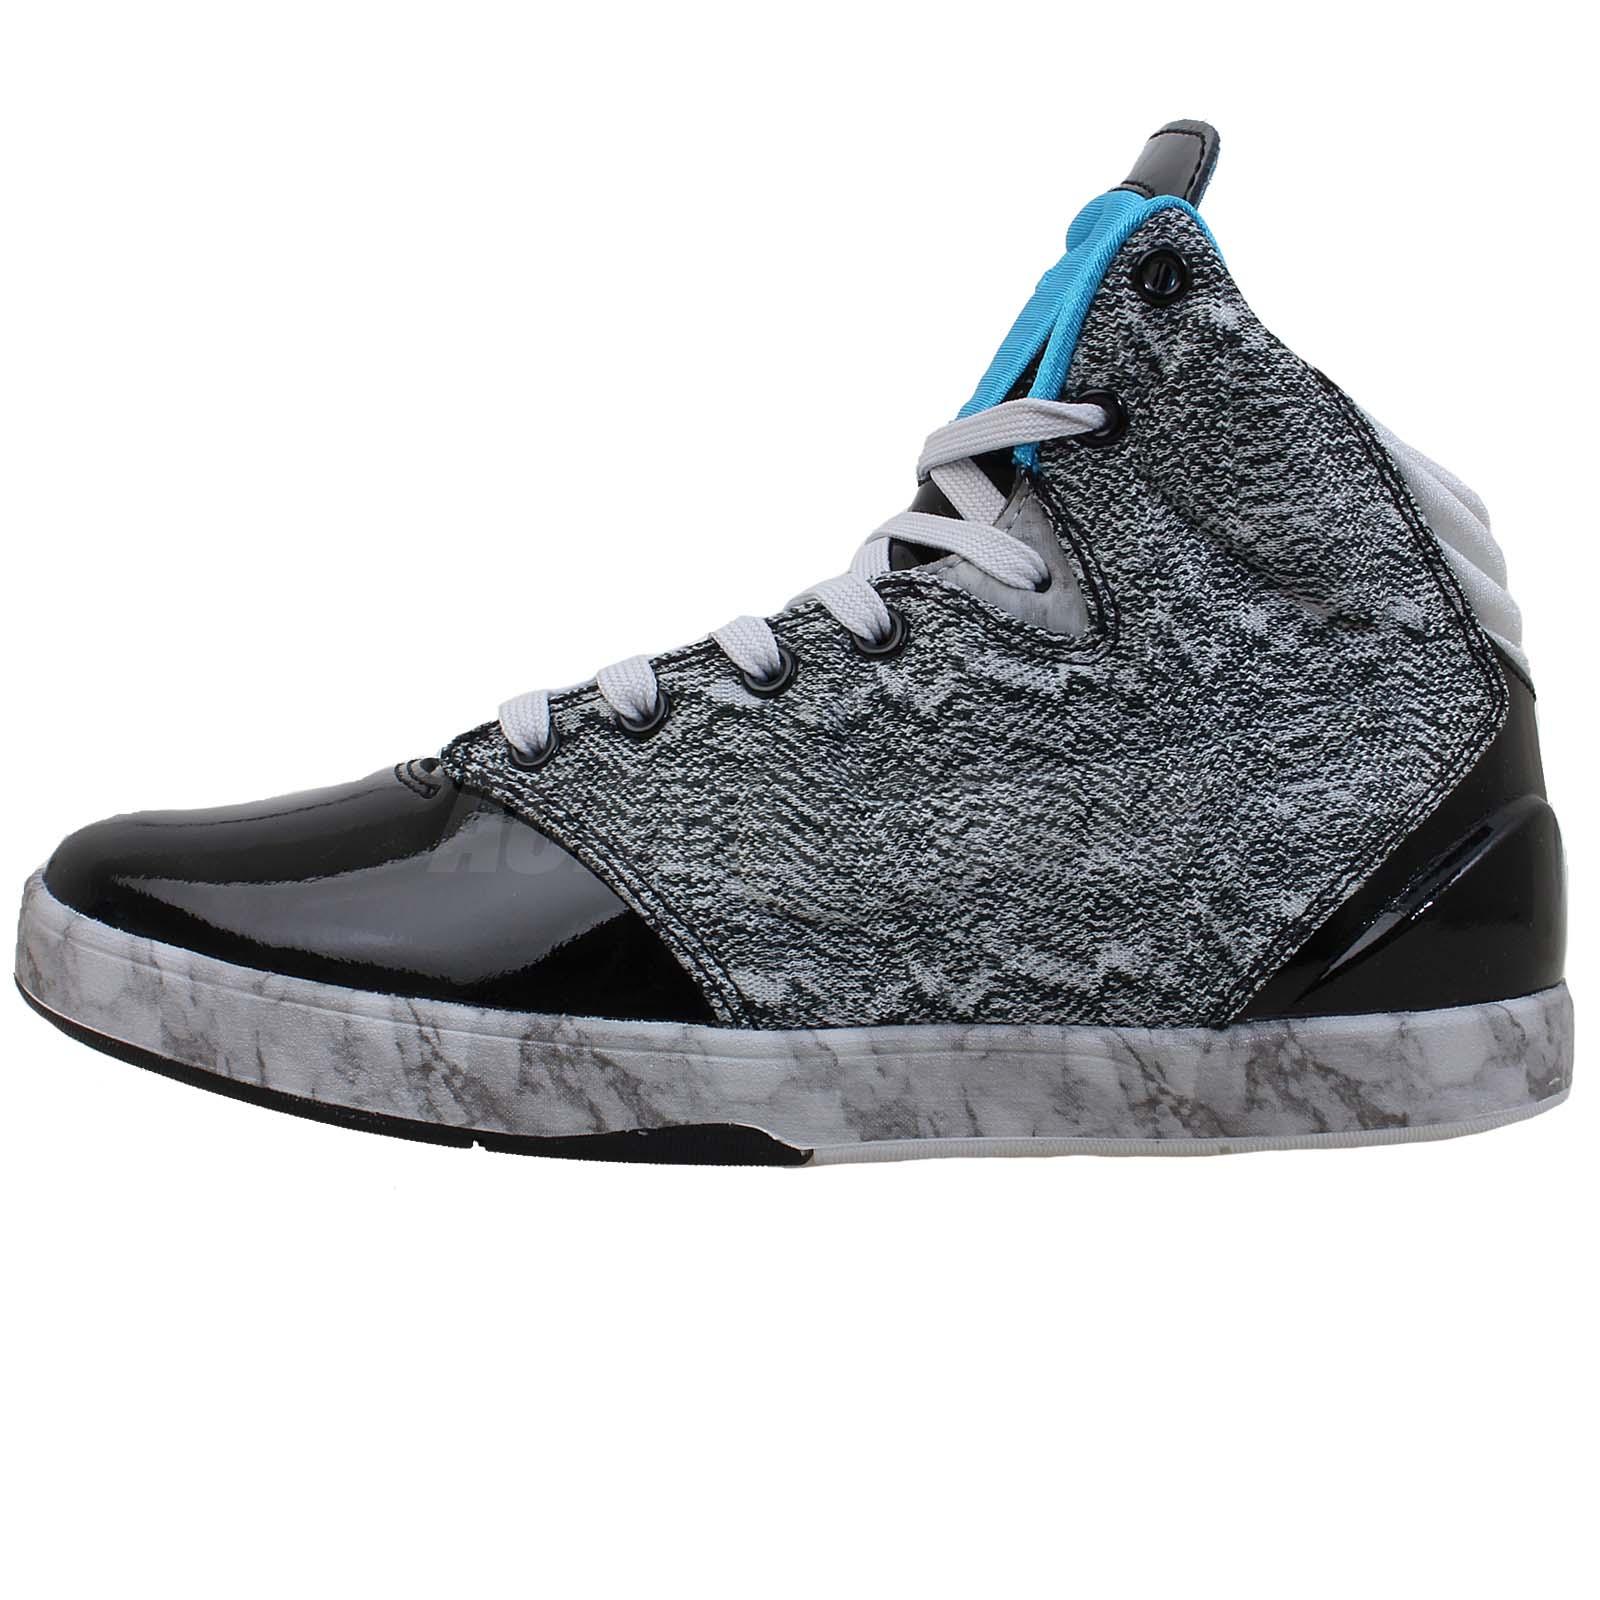 Nike Kobe 9 NSW Lifestyle TXT Marble Bryant Sportswear